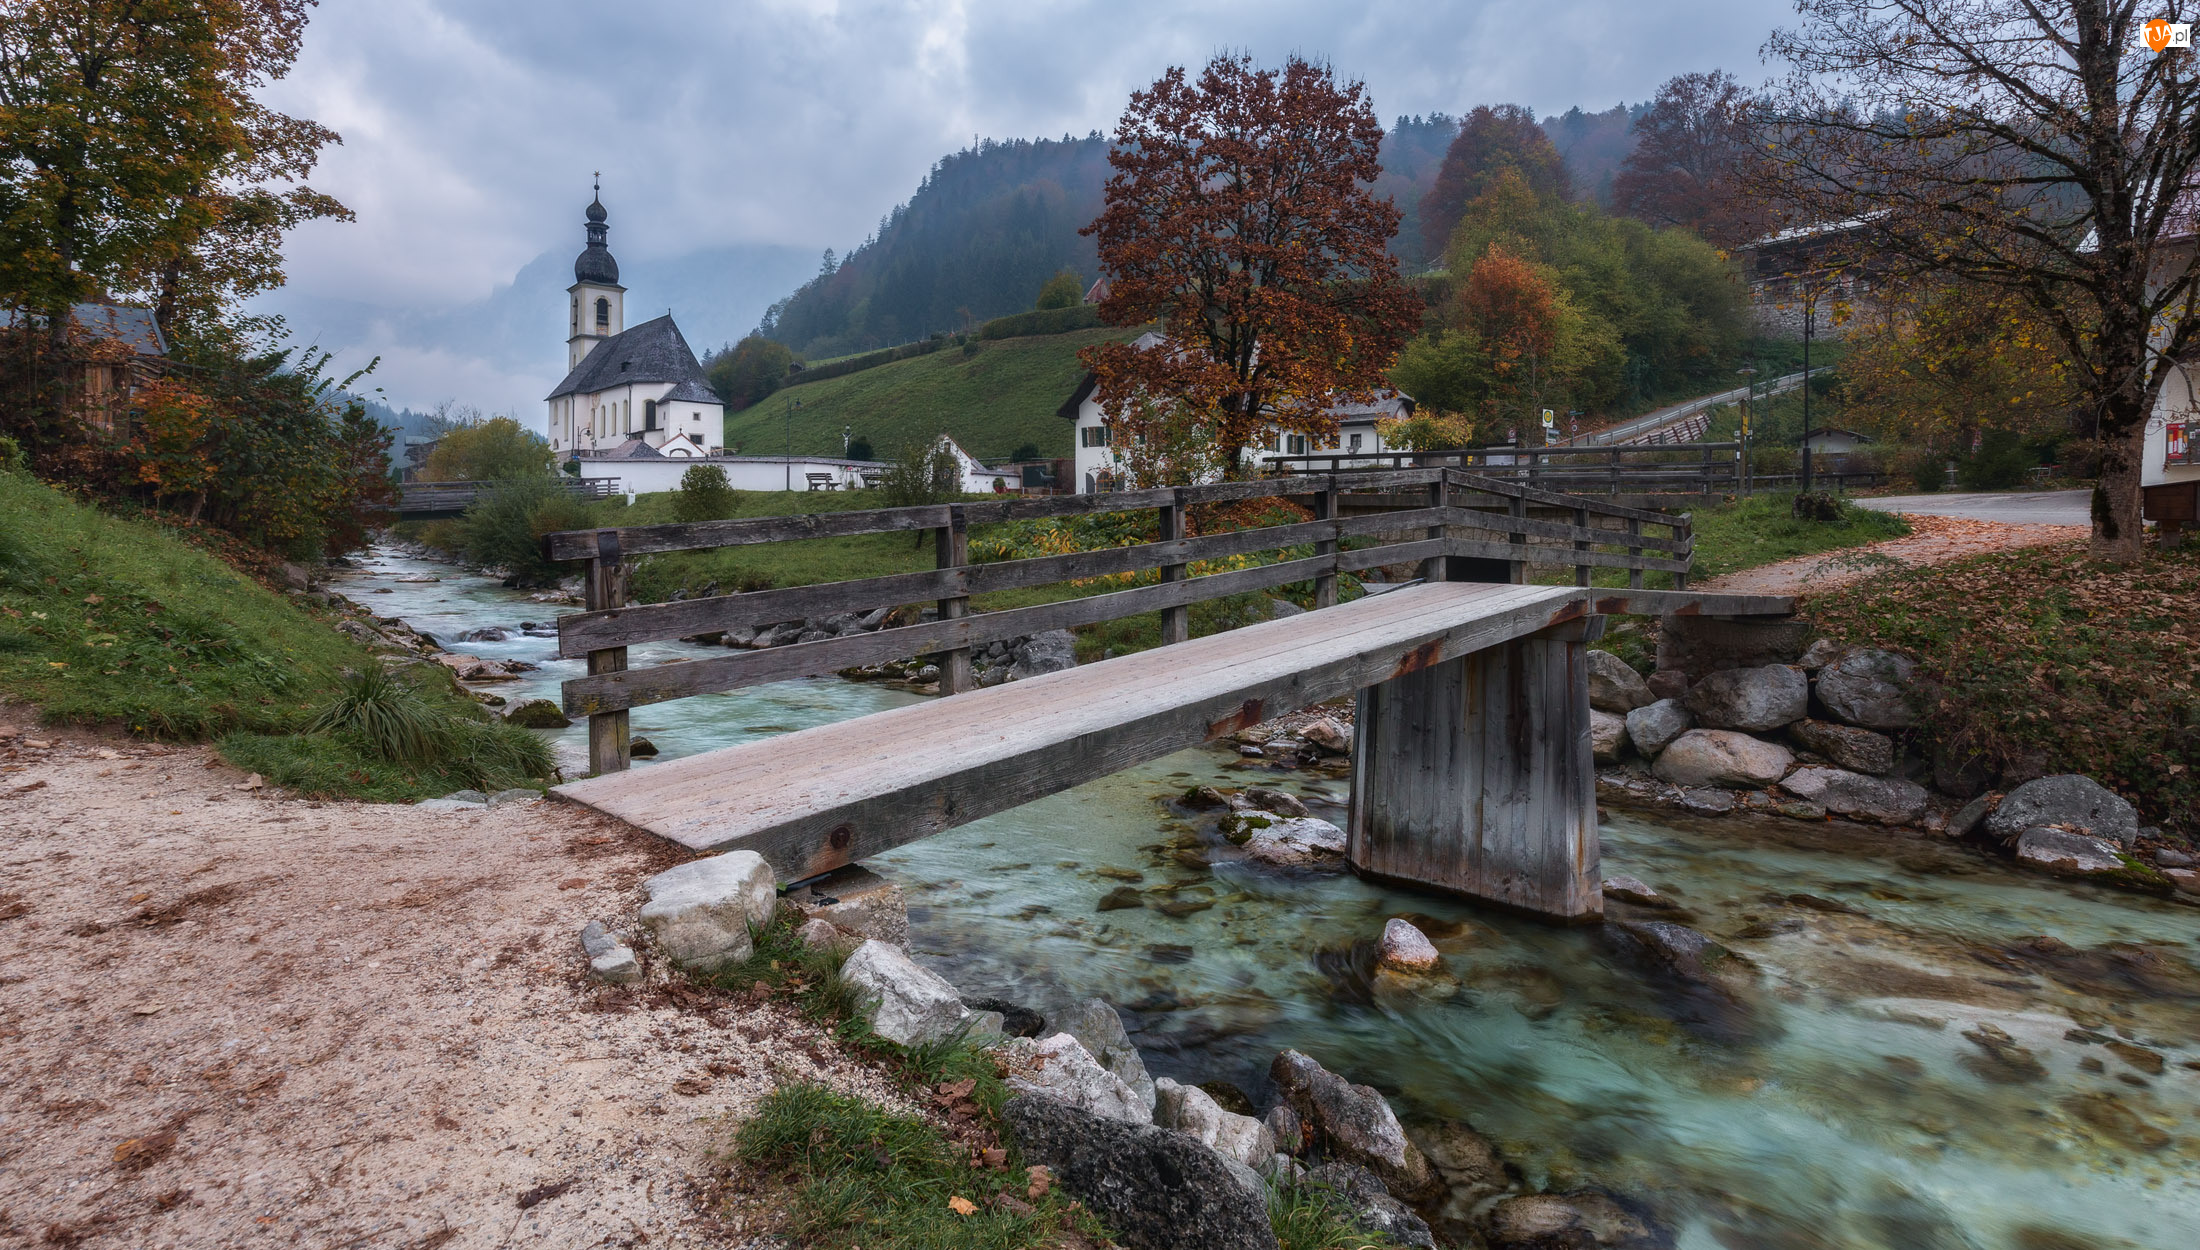 Most, Park Narodowy Berchtesgaden, Kościół św. Sebastiana, Bawaria, Ramsau bei Berchtesgaden, Rzeka Ramsauer Ache, Niemcy, Góry Alpy